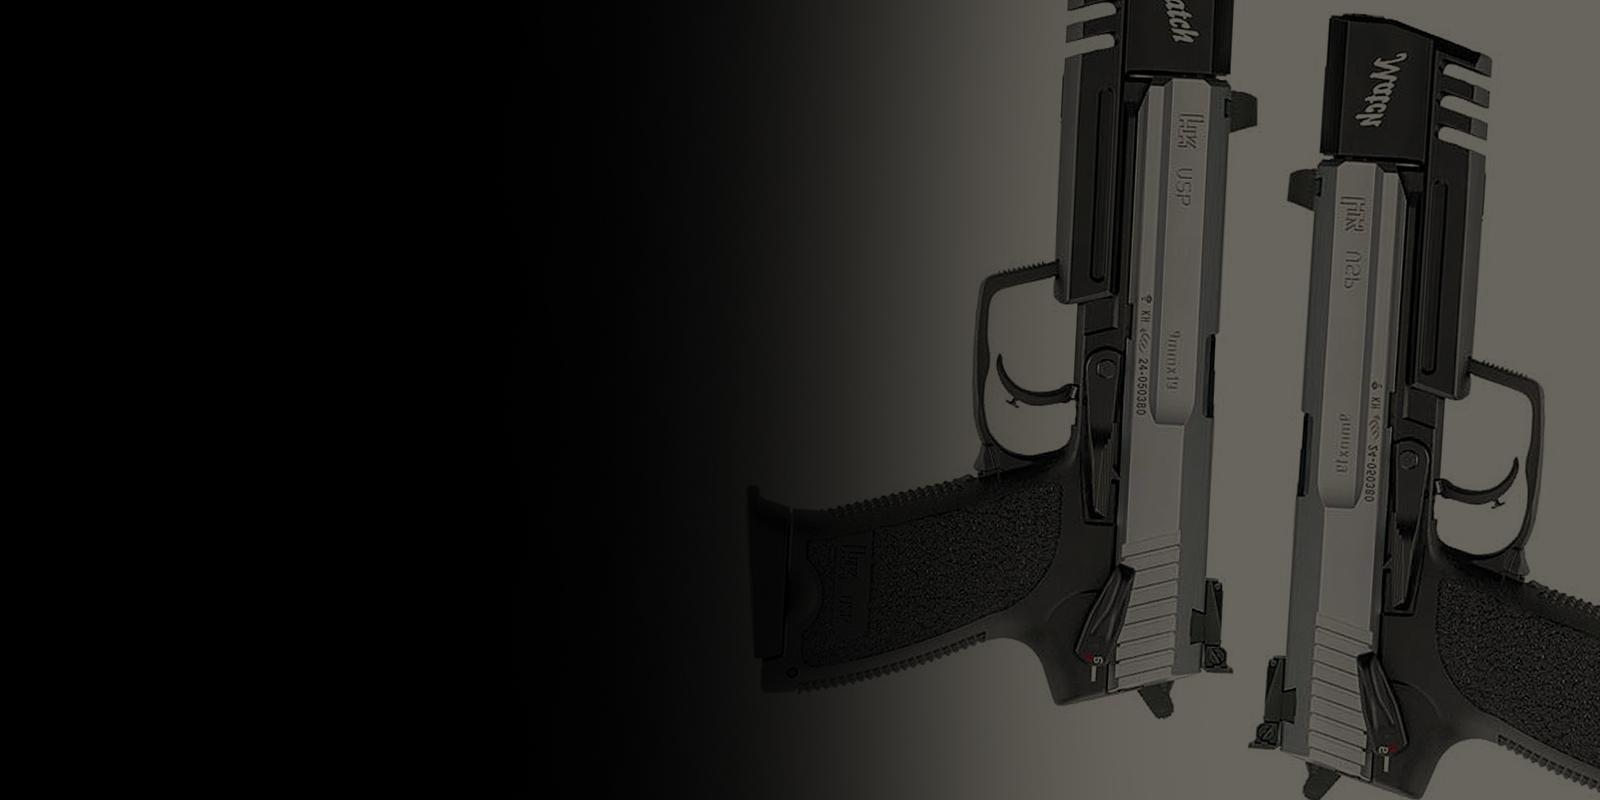 Les deux pistolets